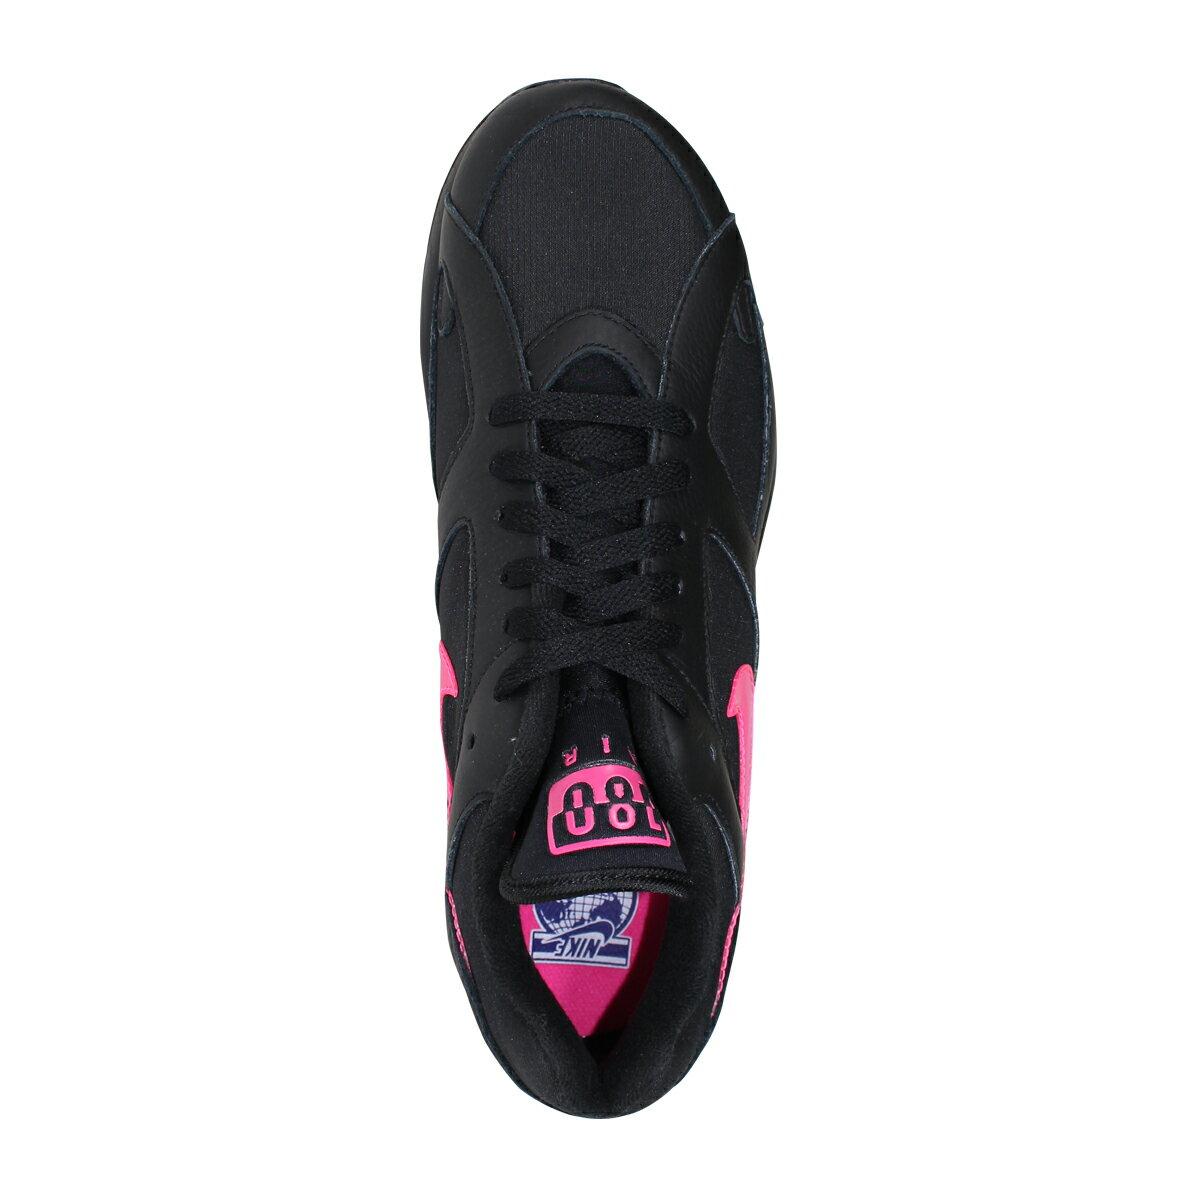 los angeles 96ae6 5b7a9 NIKE AIR MAX 180 Kie Ney AMAX 180 sneakers men AQ9974-001 black  8 1  Shinnyu load   187